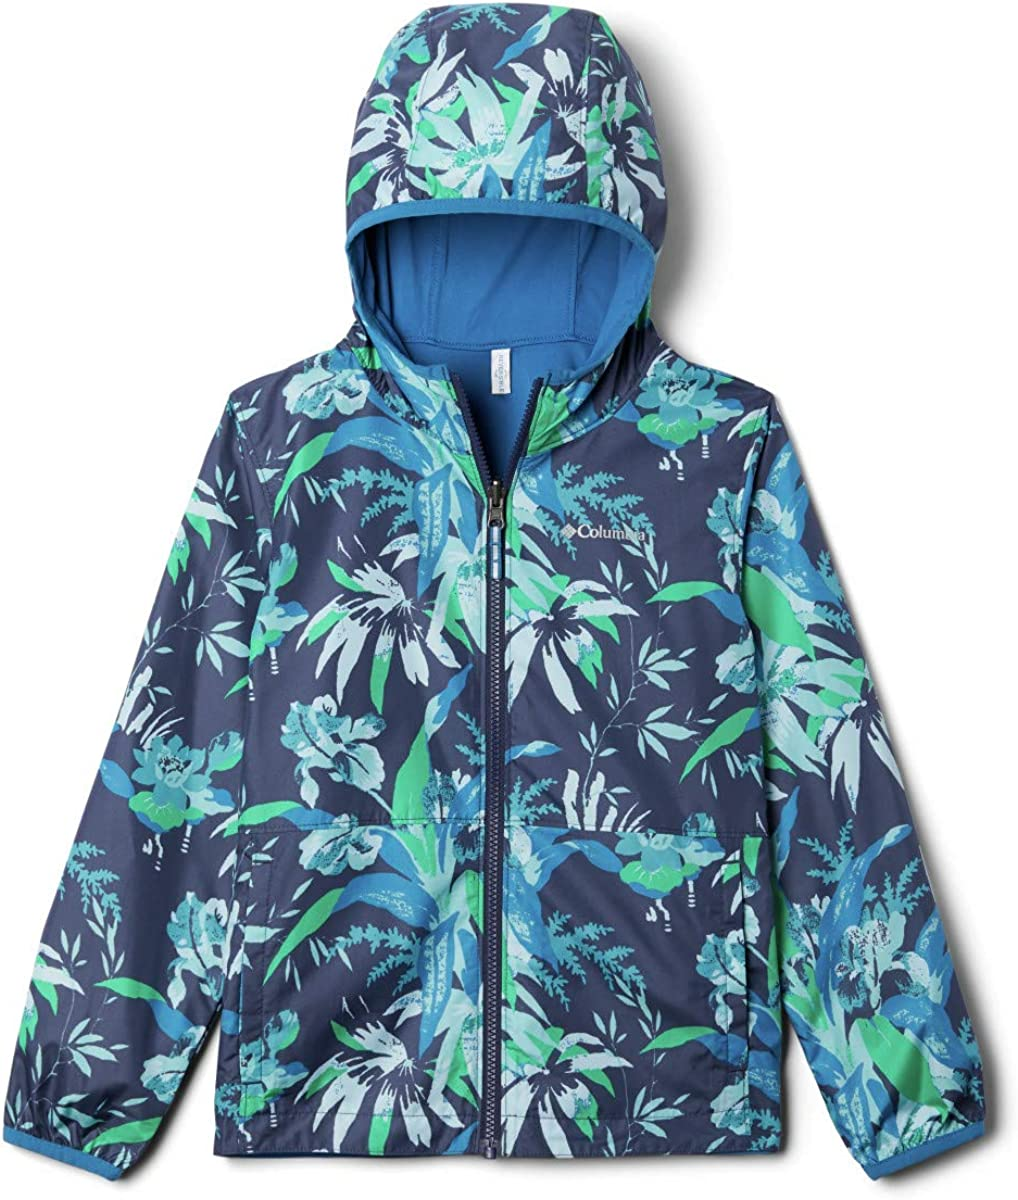 Columbia Kids /& Baby Pixel Grabber Reversible Jacket